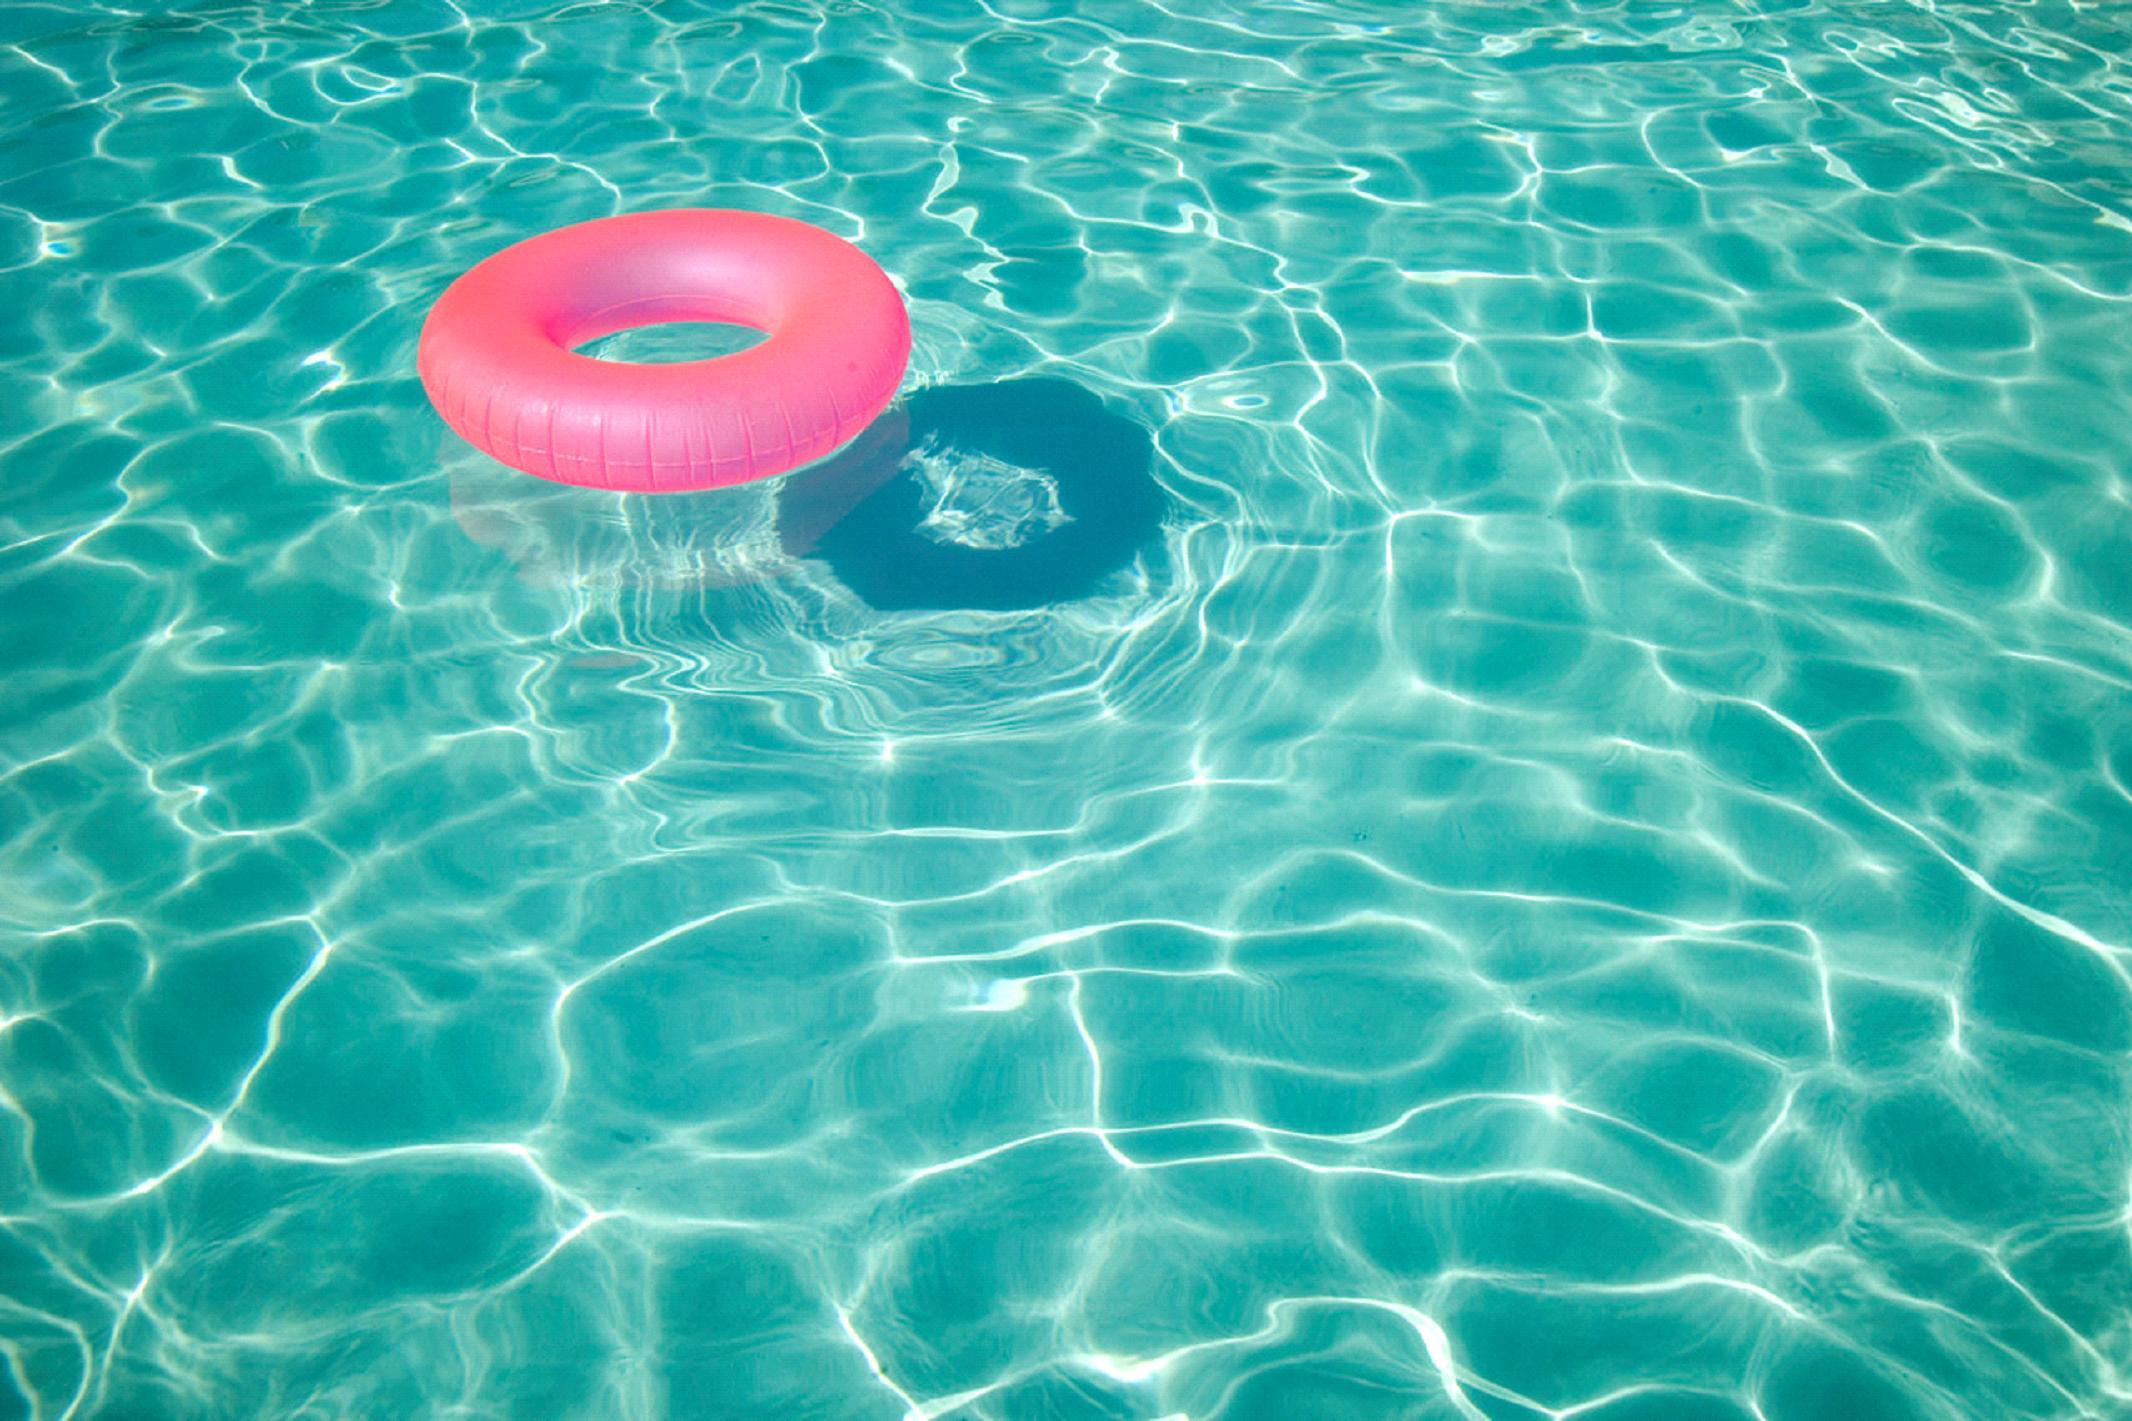 солнечный бассейн скачать